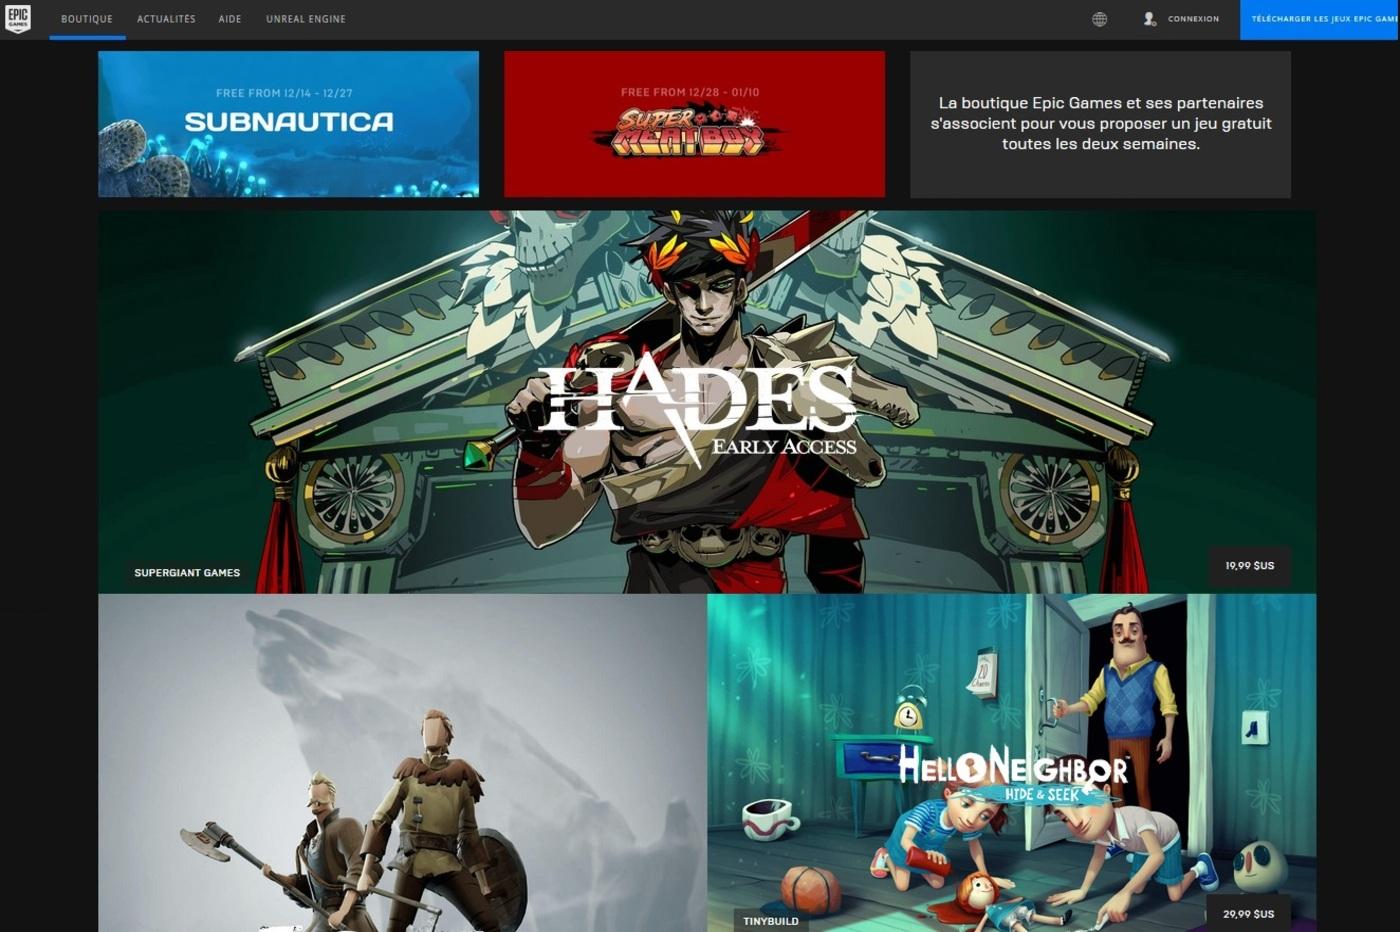 epic games jeux vidéo